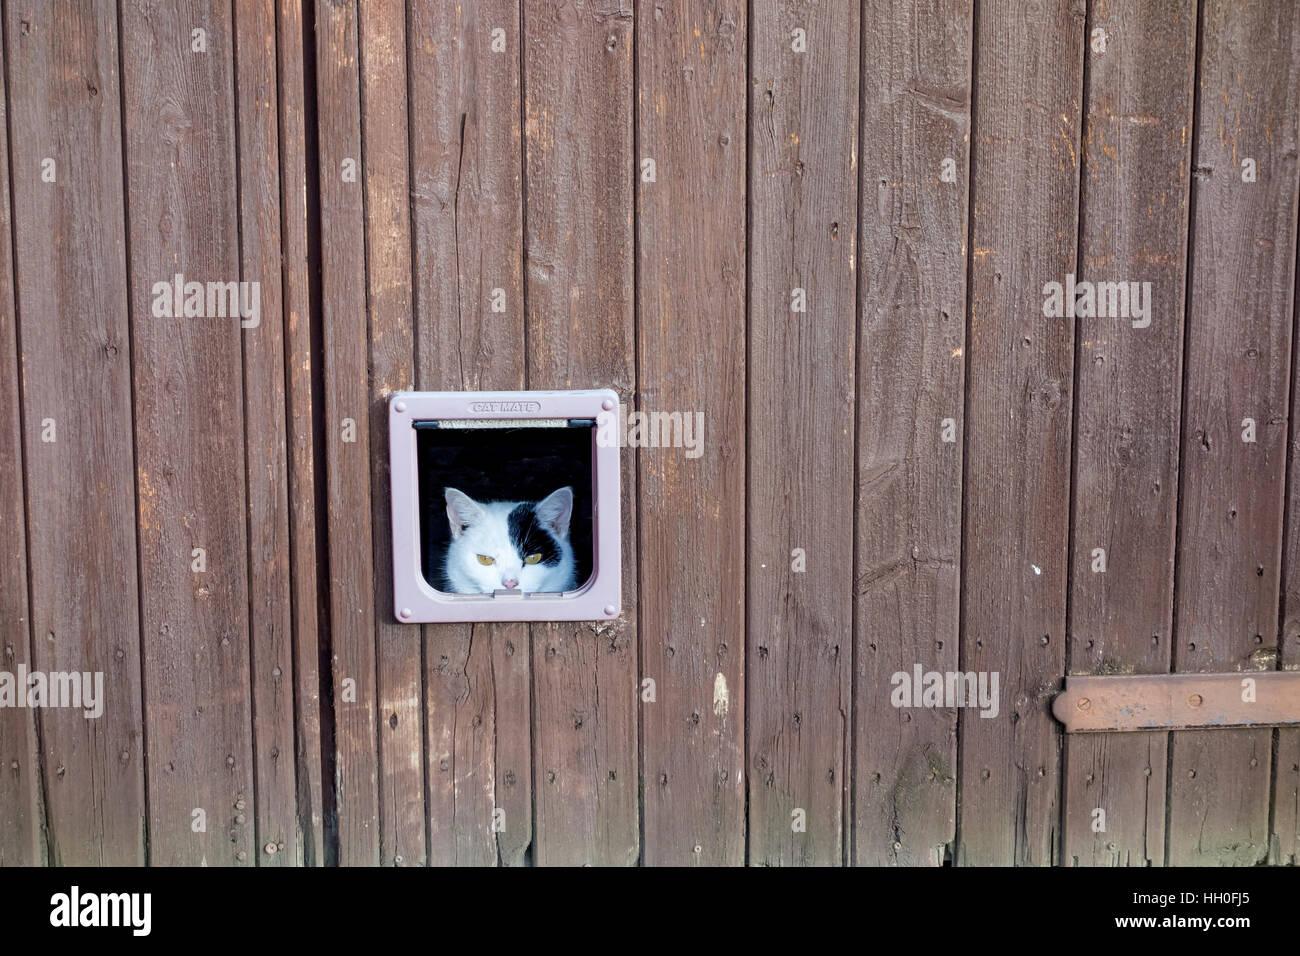 Cat through cat door im genes de stock cat through cat - Puertas de madera en blanco ...